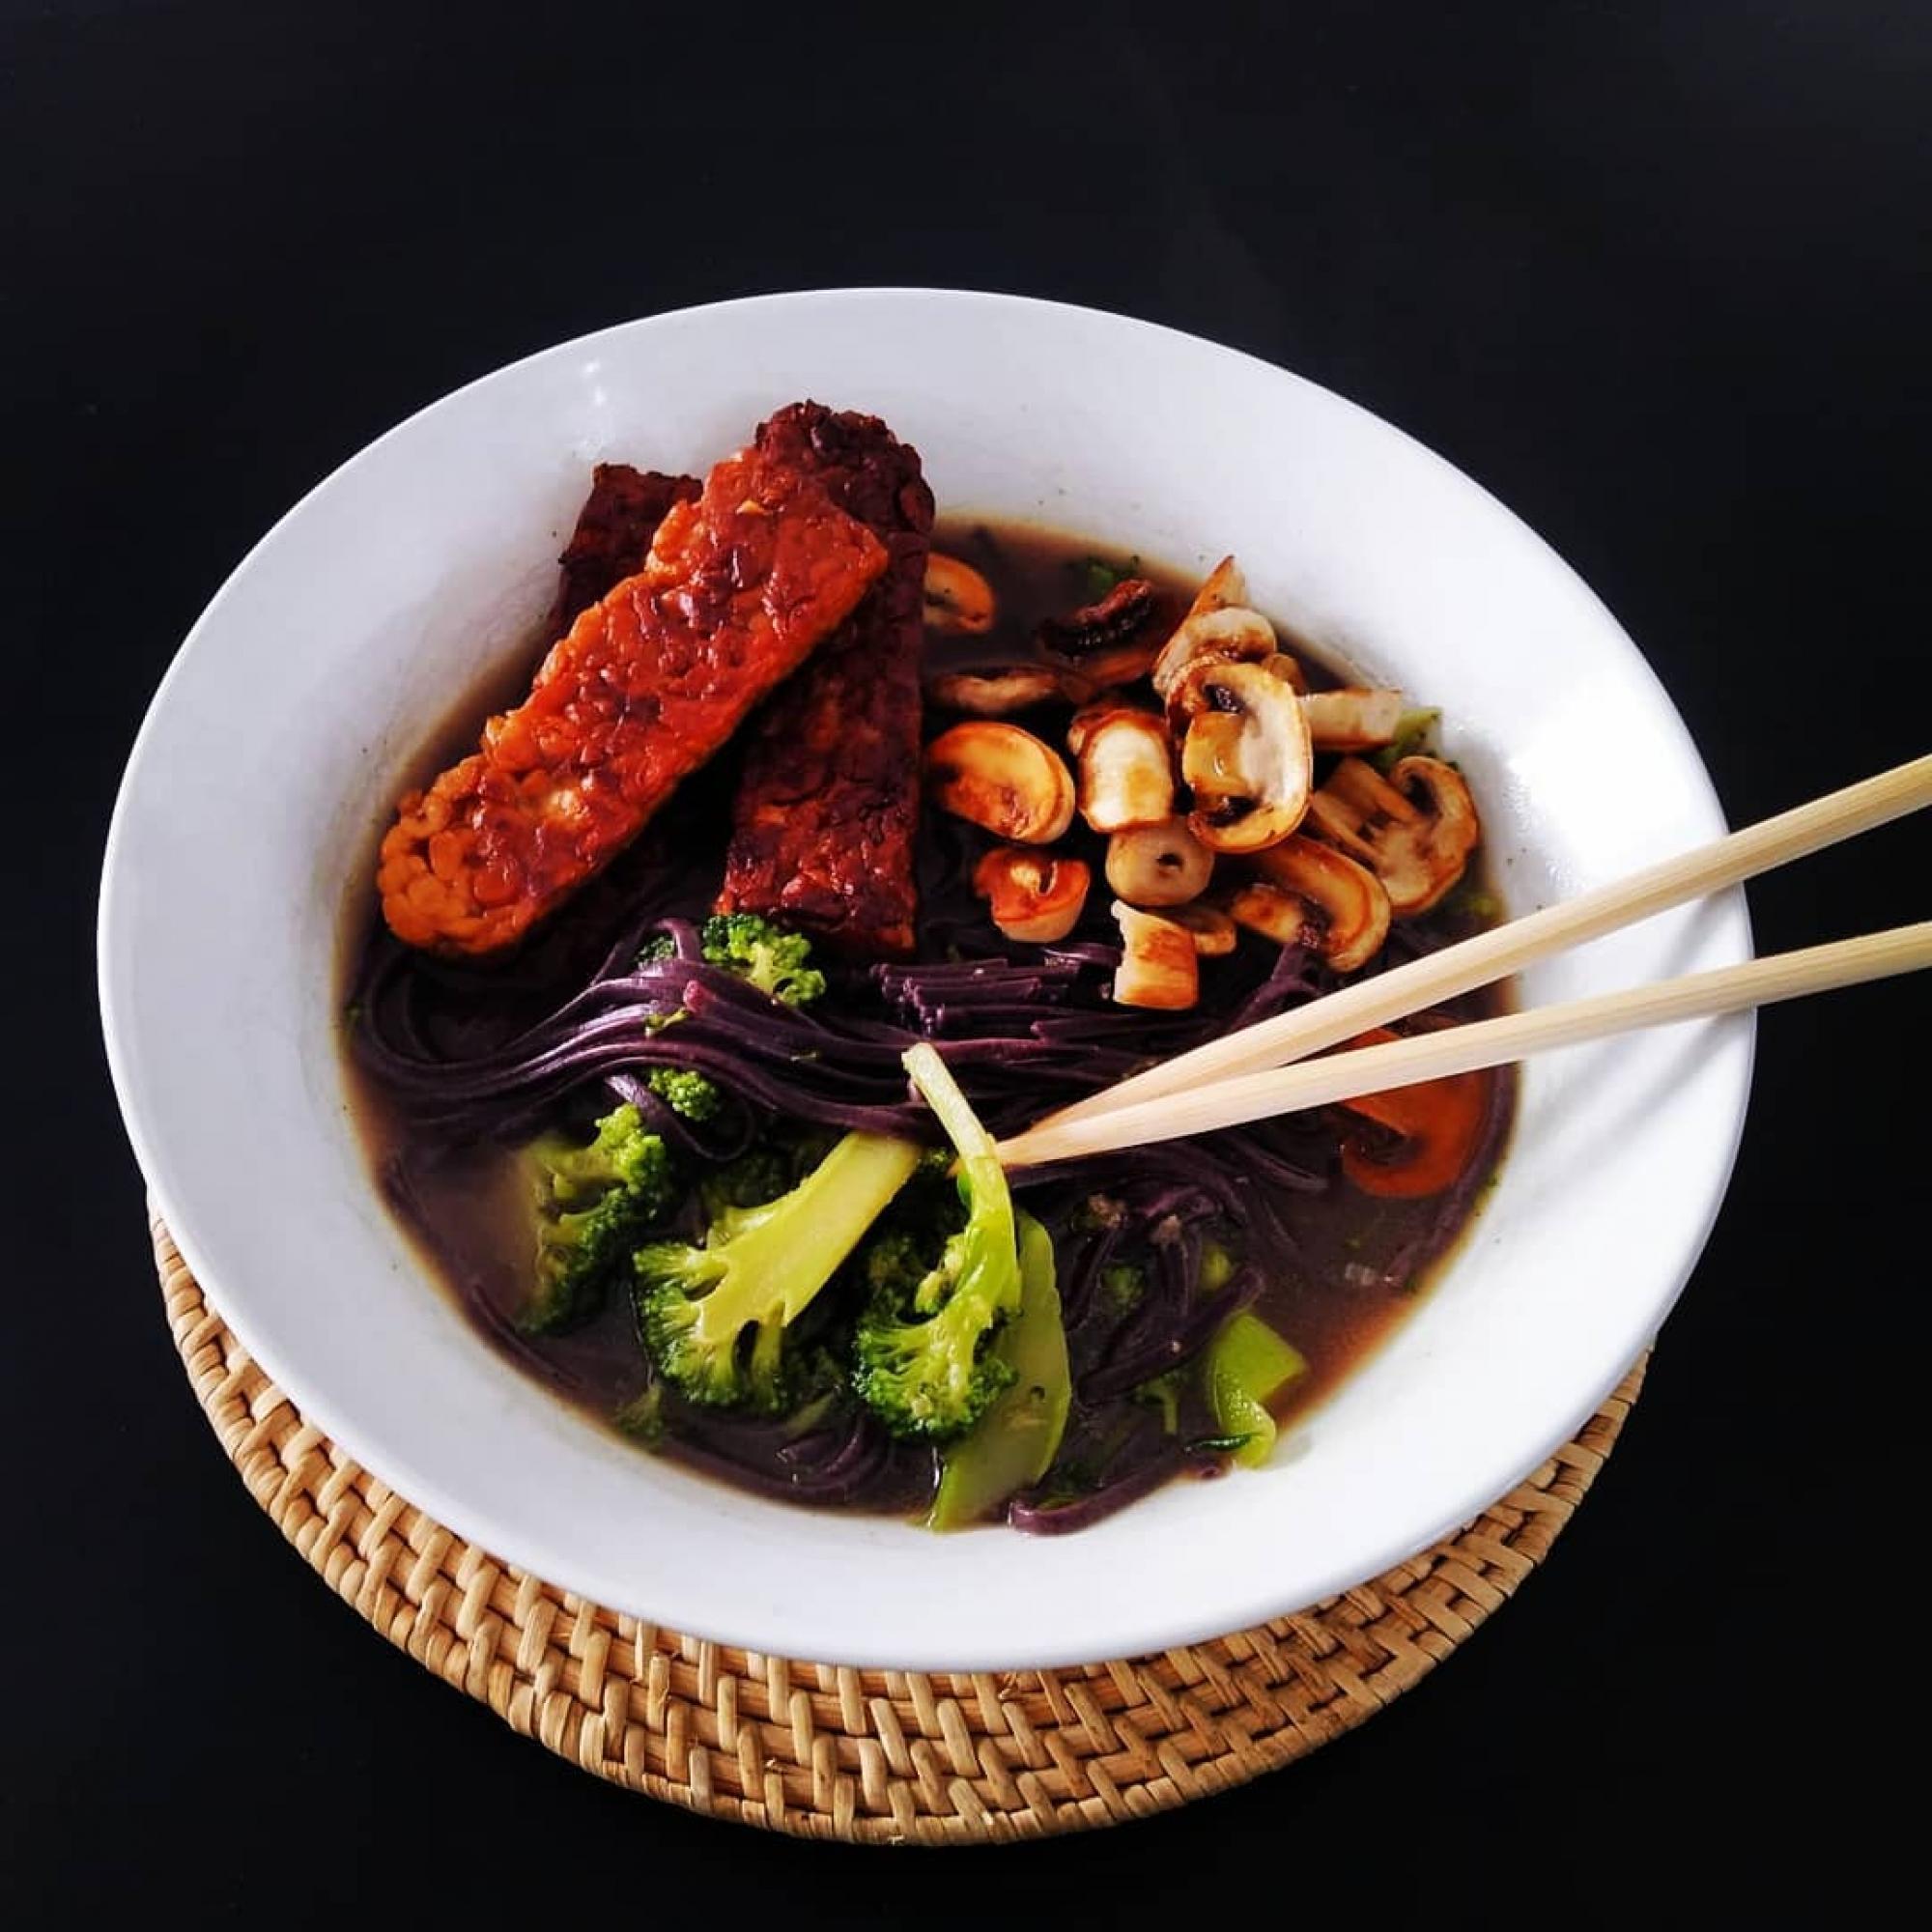 Hoy cenamos sopa estilo asiático con noodles, verduras y tempeh. 😋😋 Muy completo y rápido!  #sitgesverd #sitgesvida #sitges #sitgesfood